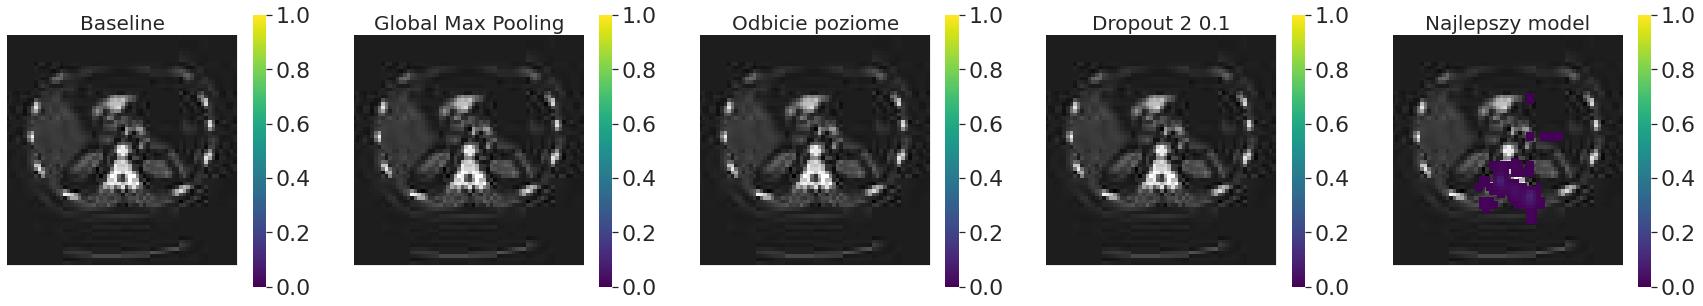 Occlusion sensitivity różnych modeli dla rozmiaru ramki 4 x 4 piksele